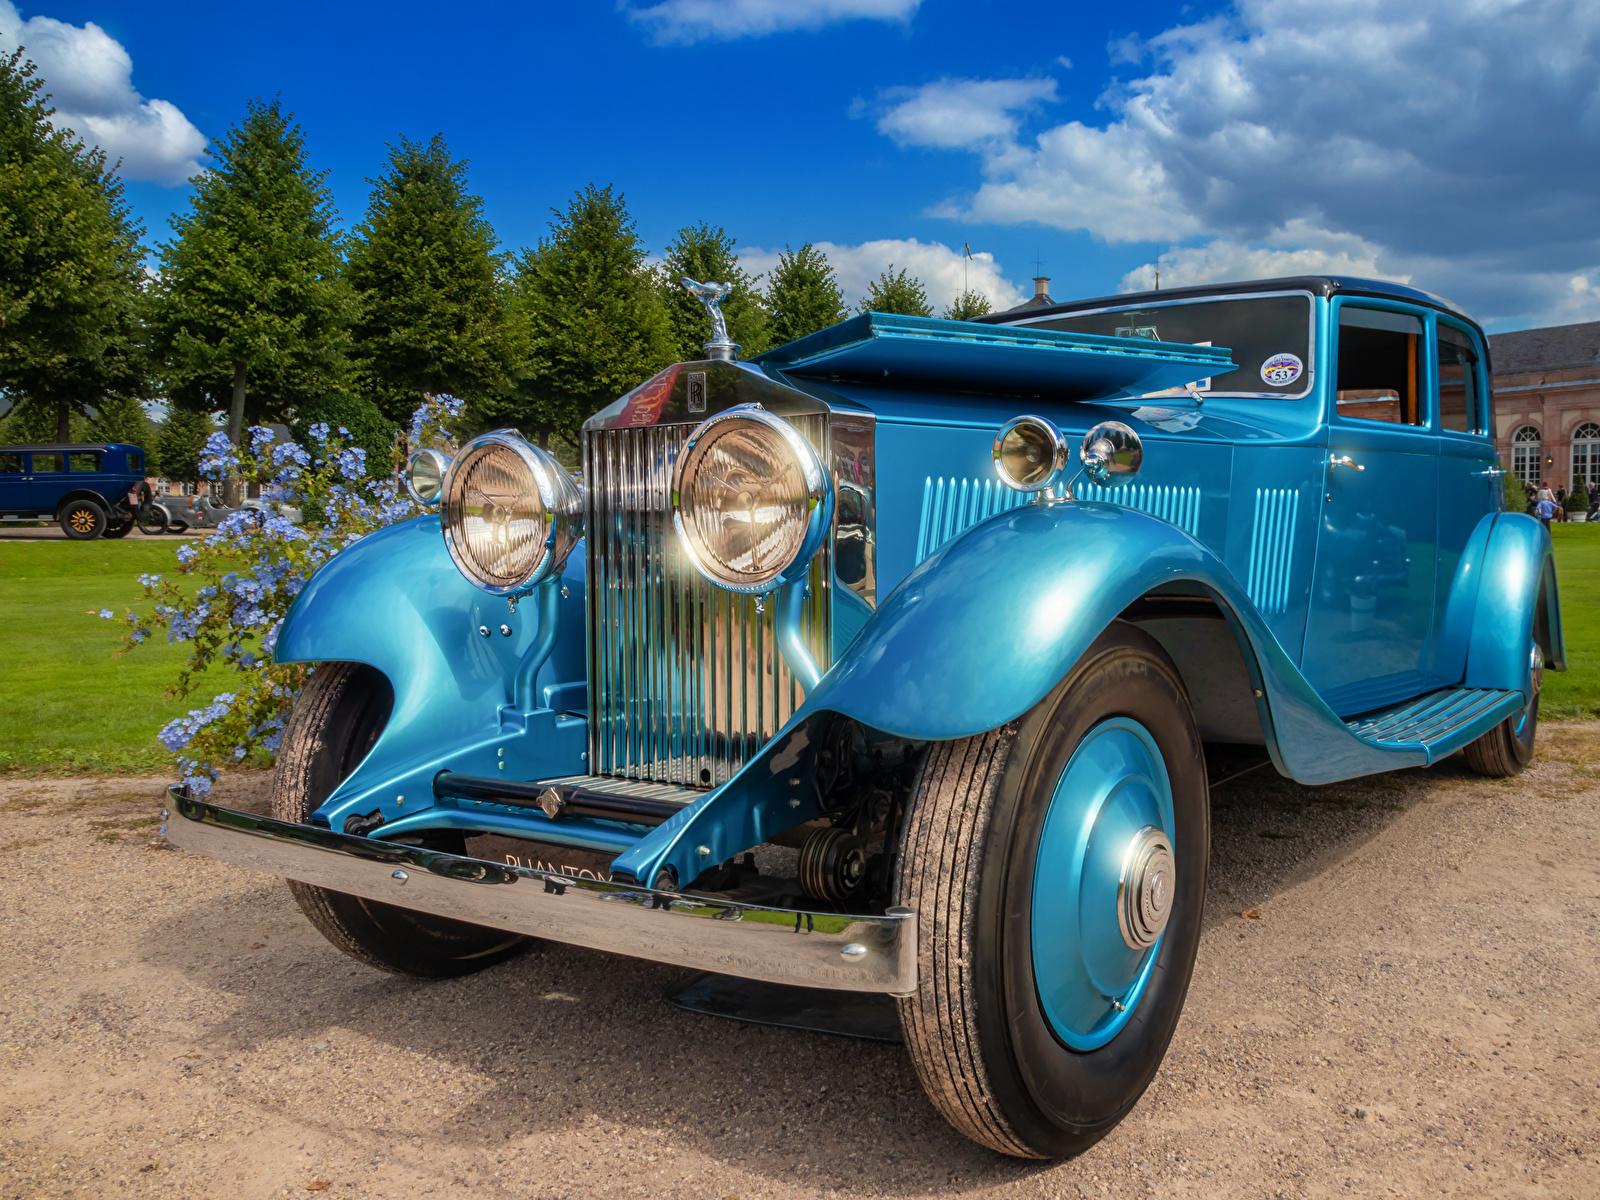 Фотография Rolls-Royce 1933 Phantom II Continental винтаж Голубой машины 1600x1200 Роллс ройс Ретро голубая голубые голубых старинные авто машина Автомобили автомобиль